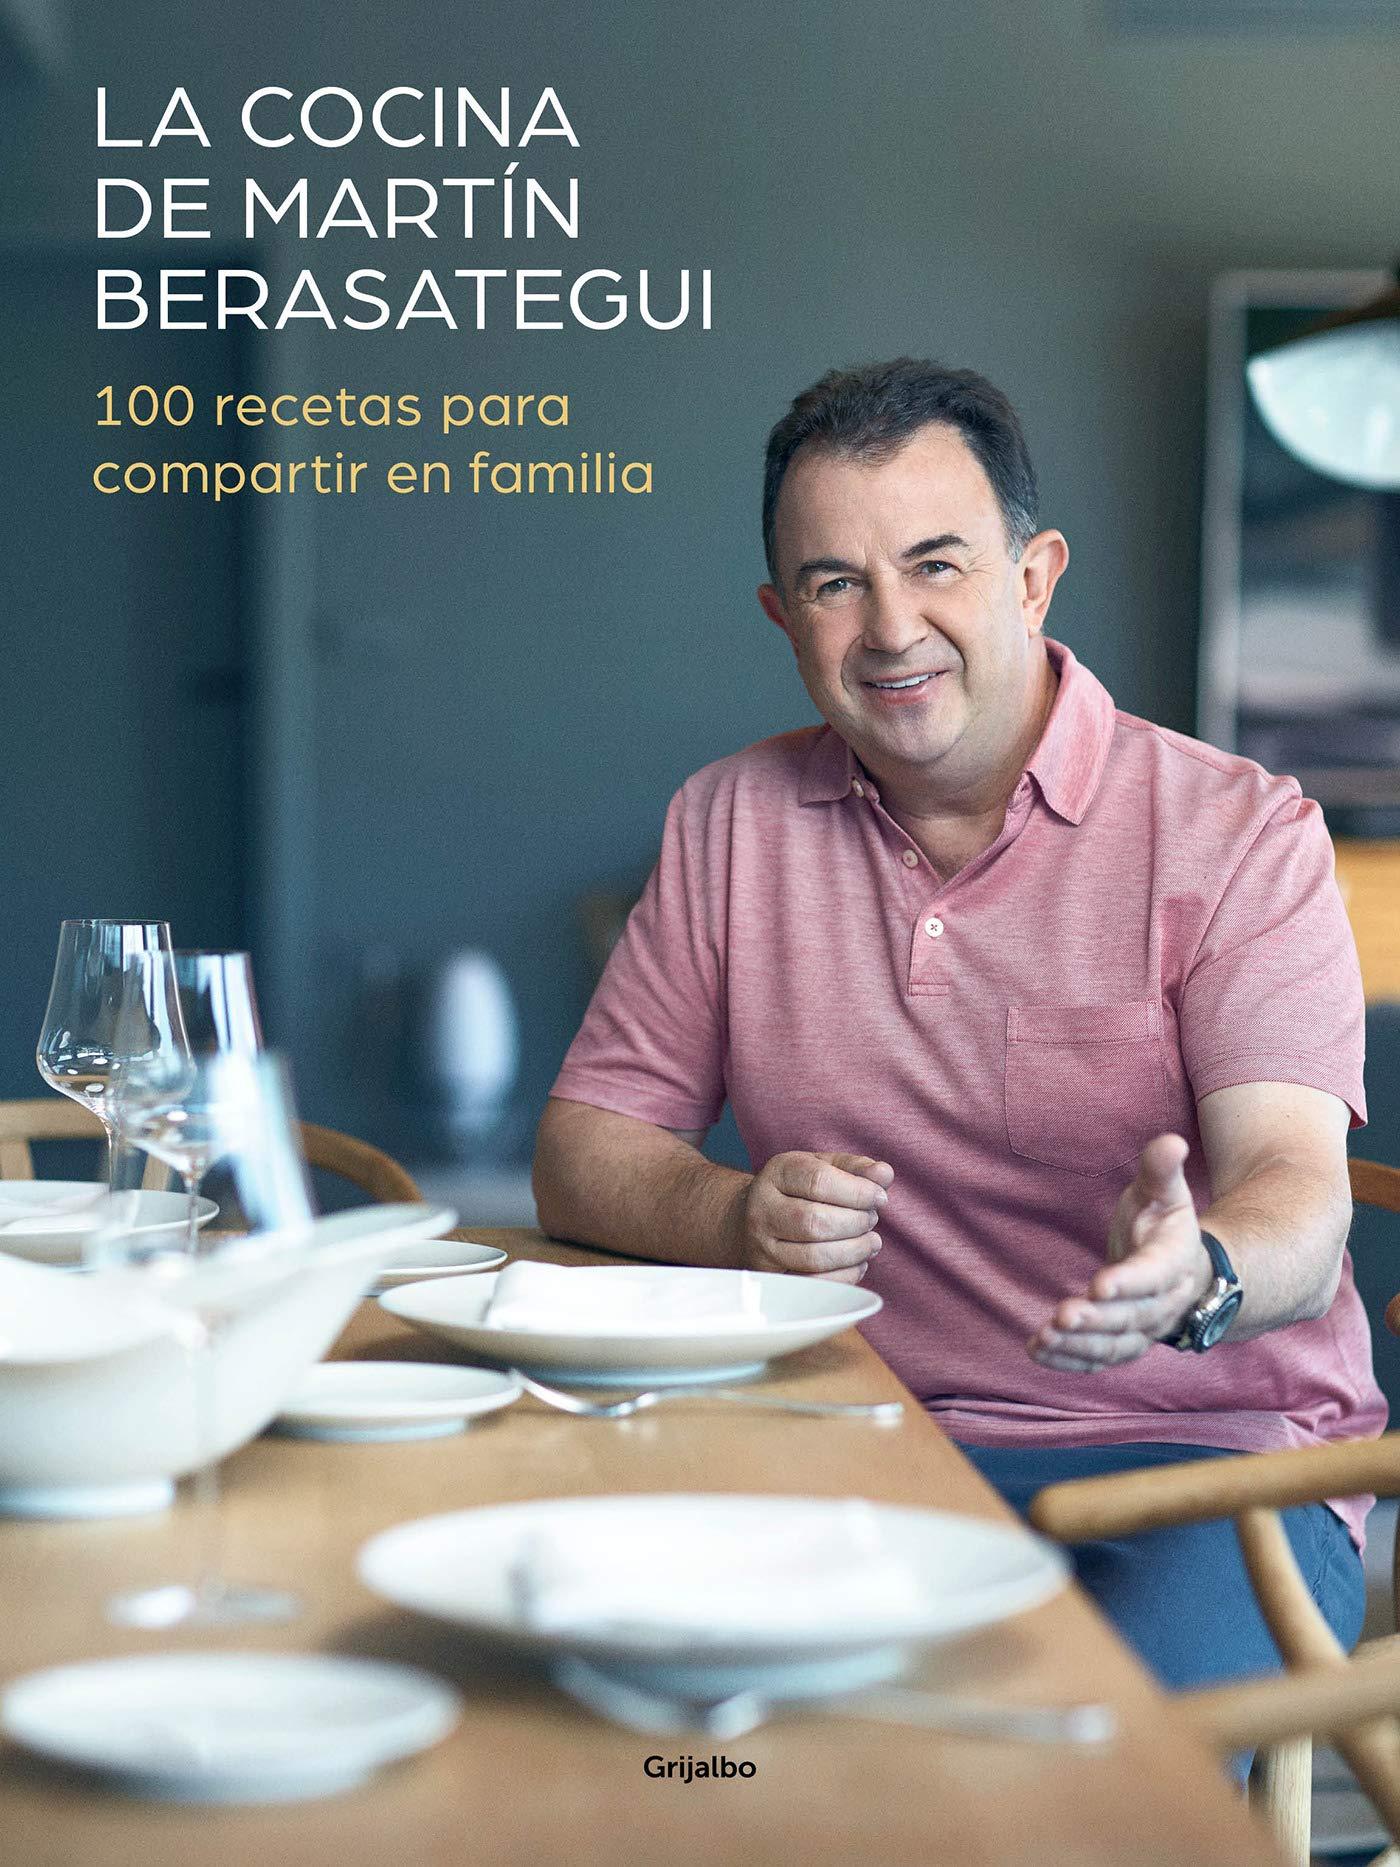 La cocina de Martín Berasategui: 100 recetas para compartir en familia (Sabores)